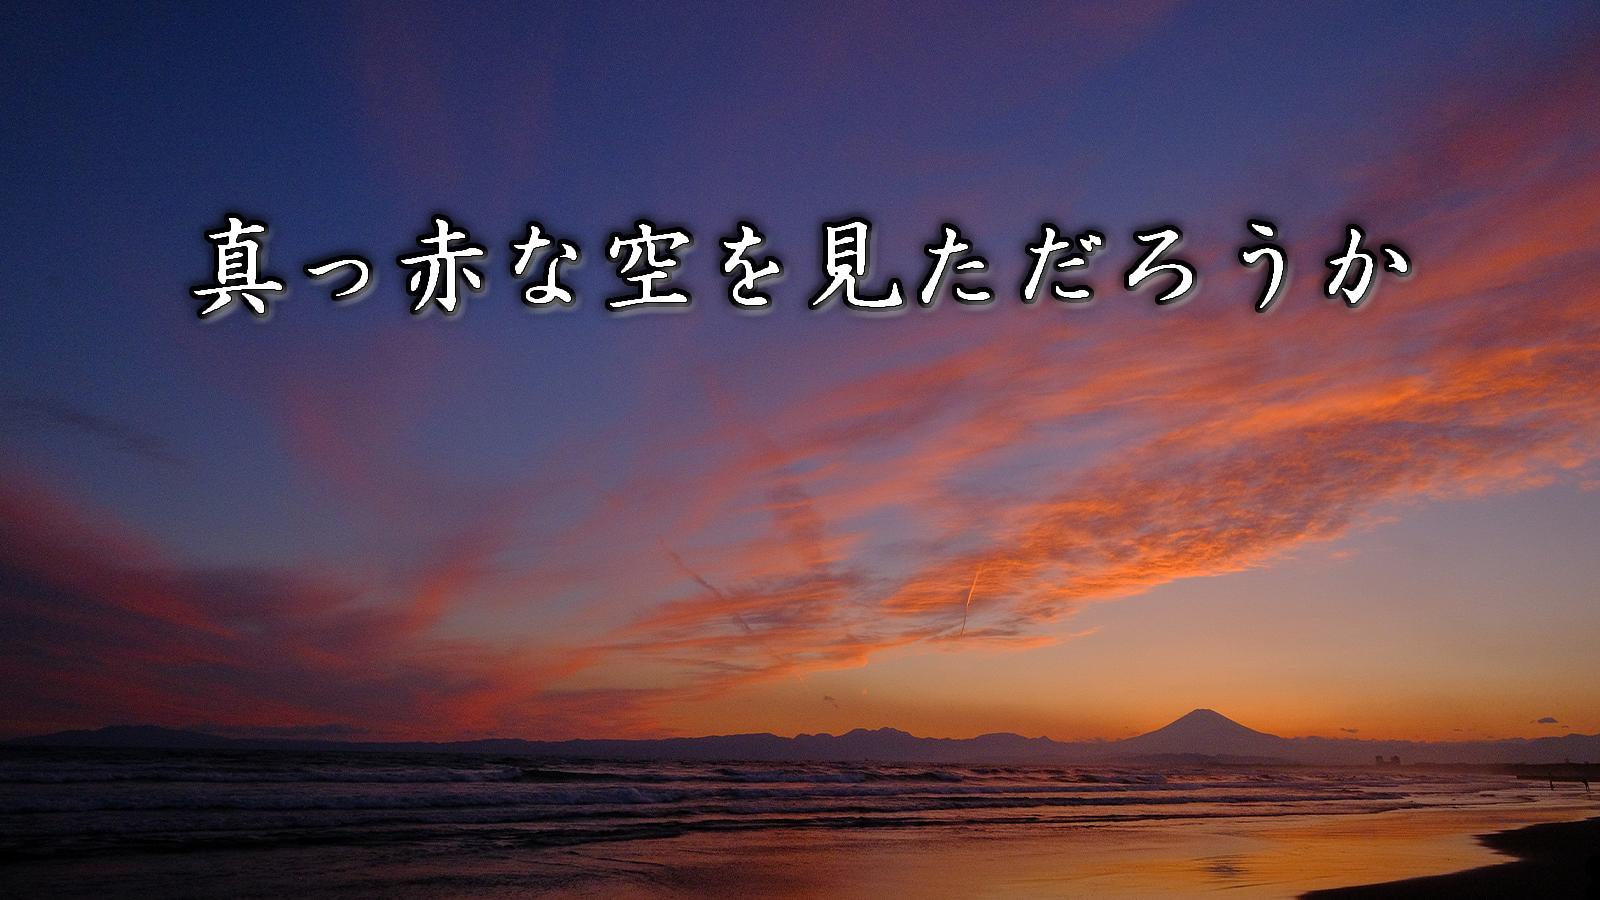 春の海を巡る。久々に七里ヶ浜・鵠沼海岸を散策。〜湘南フォトセッション〜